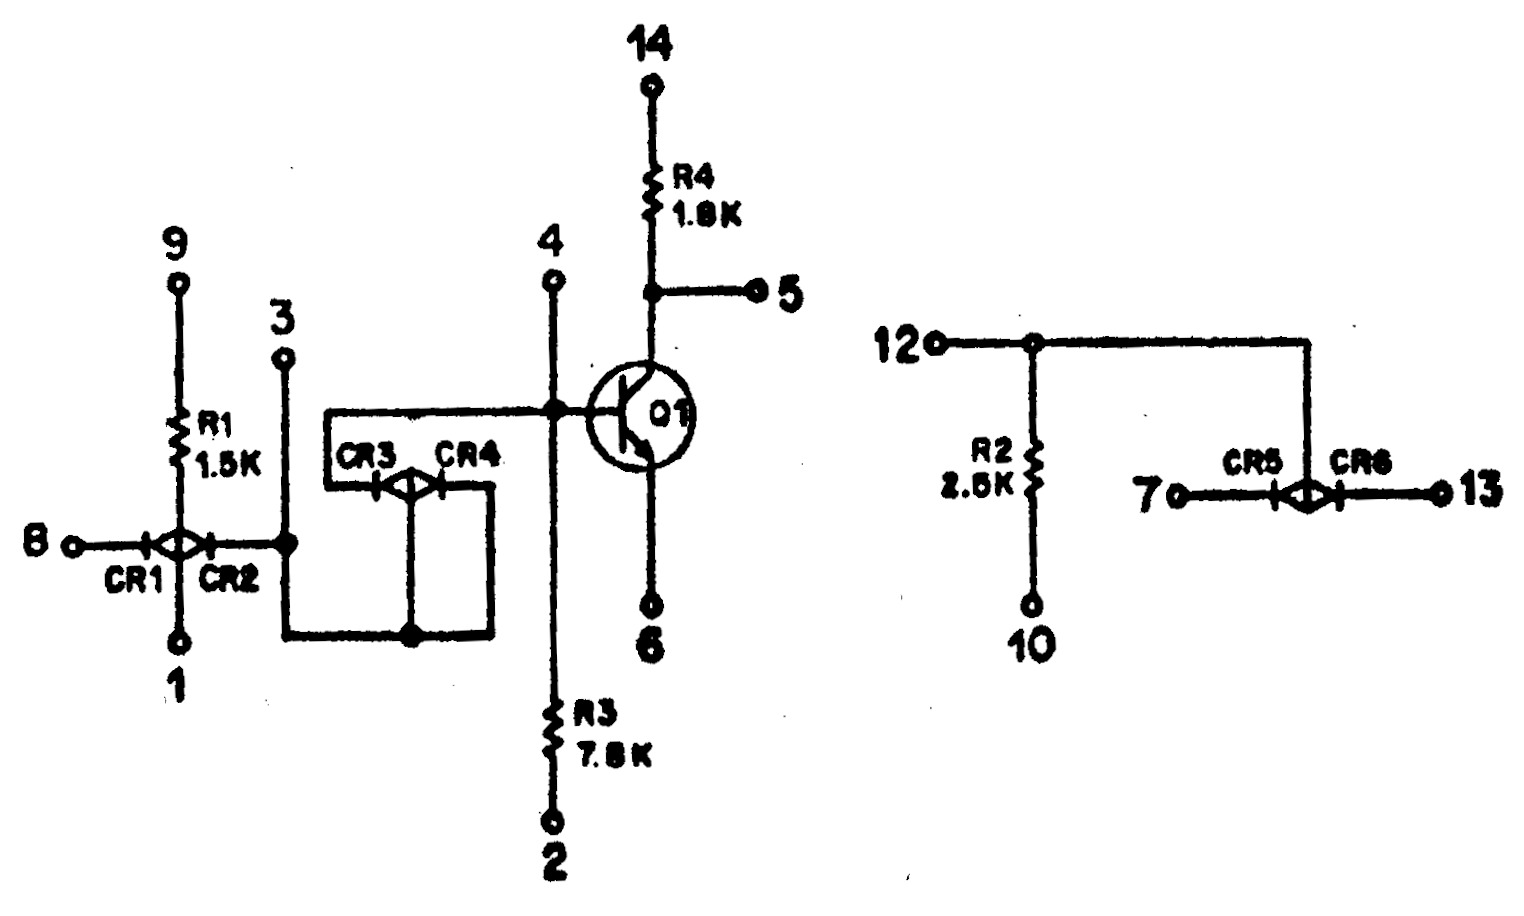 Печатная плата с ракеты Сатурн-5 – обратная разработка с пояснениями - 12